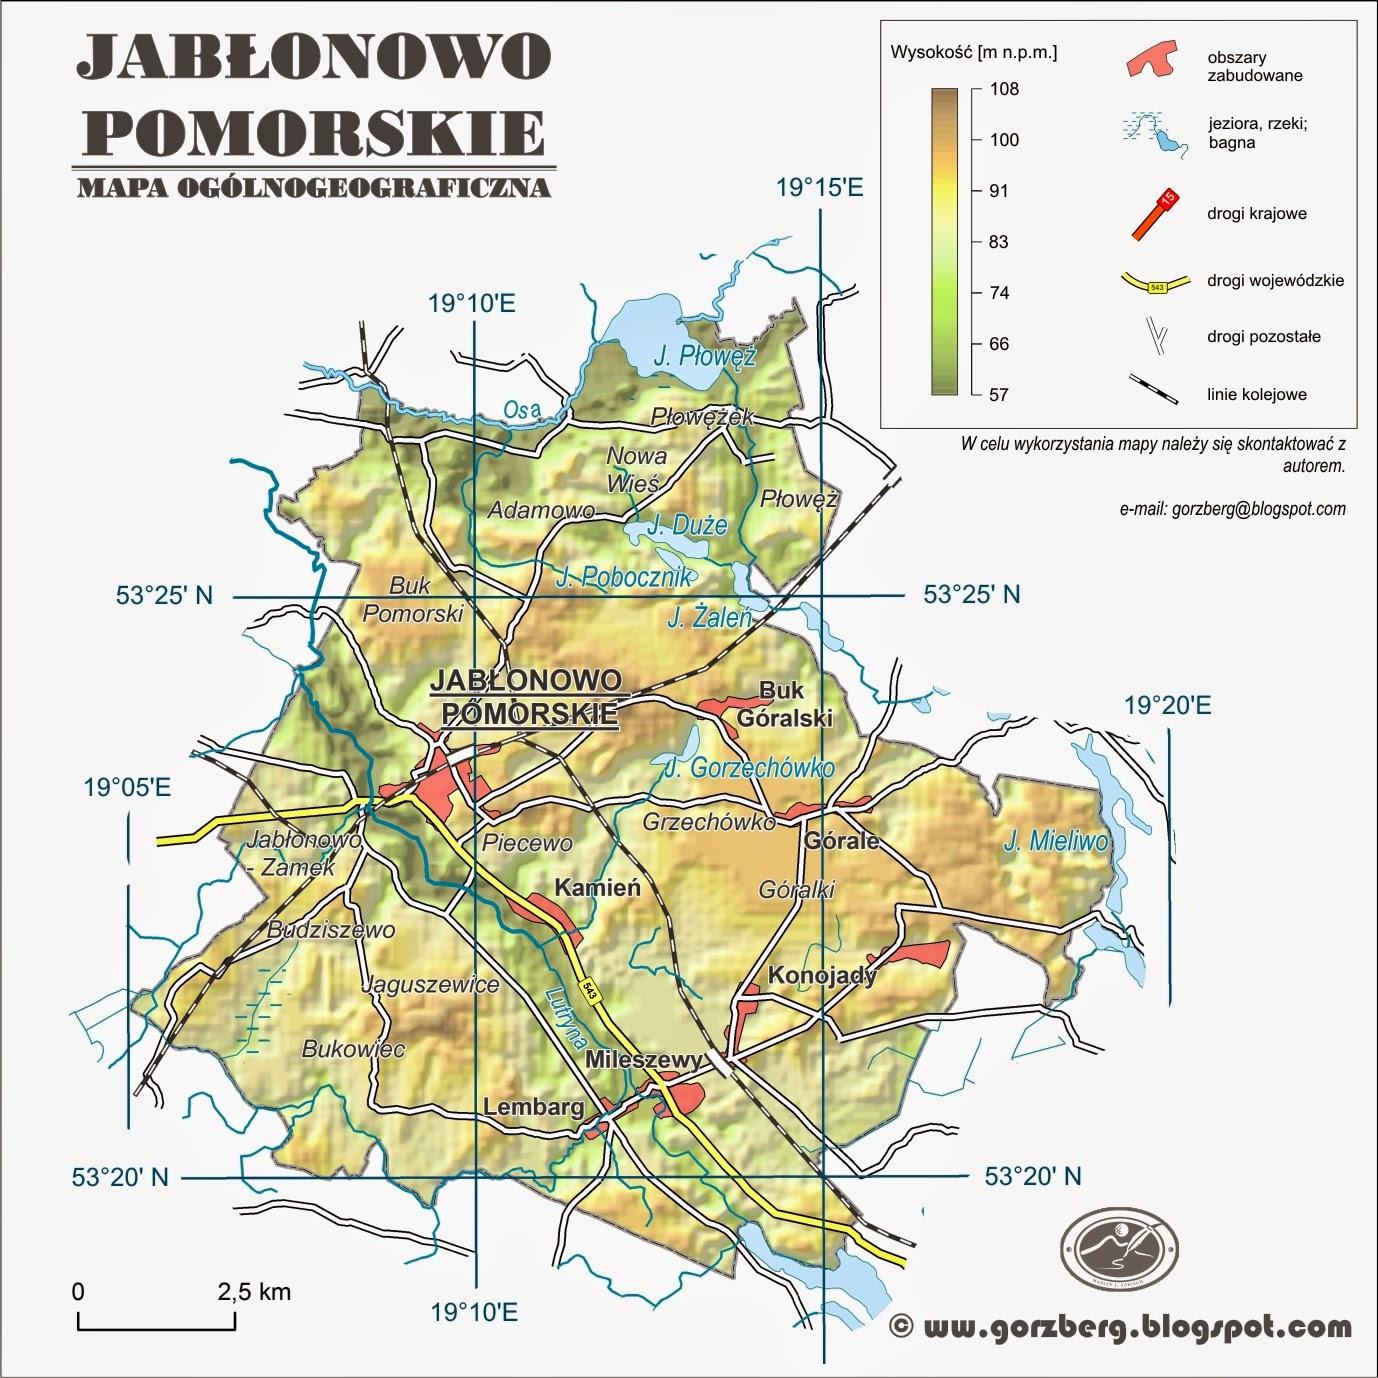 Mapa ogólnogeograficzna gminy Jabłonowo Pomorskie